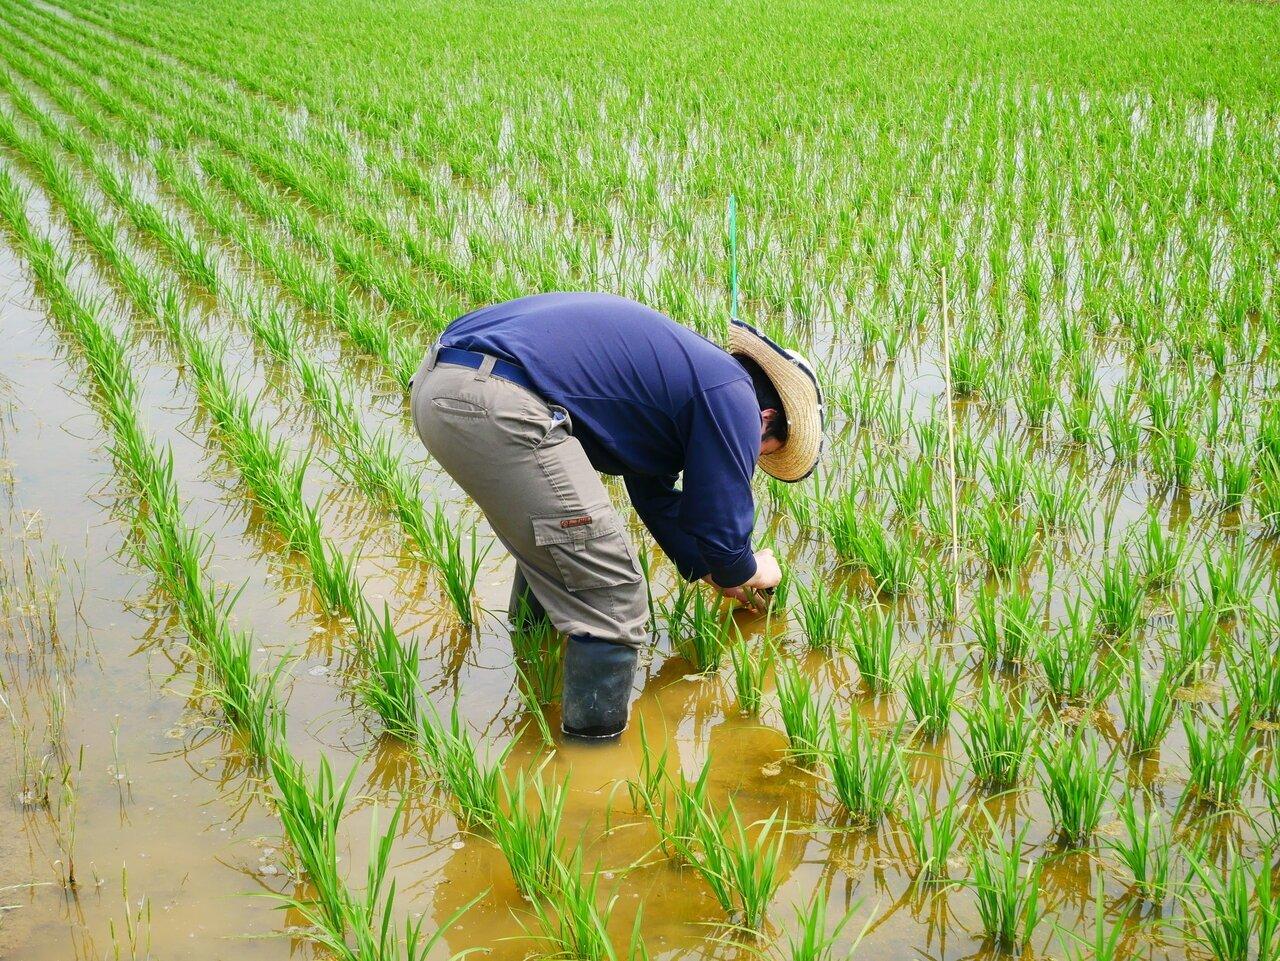 酒造りは、米づくりから。「農醸一貫」を目指した実験田での挑戦 - KUBOTAYA